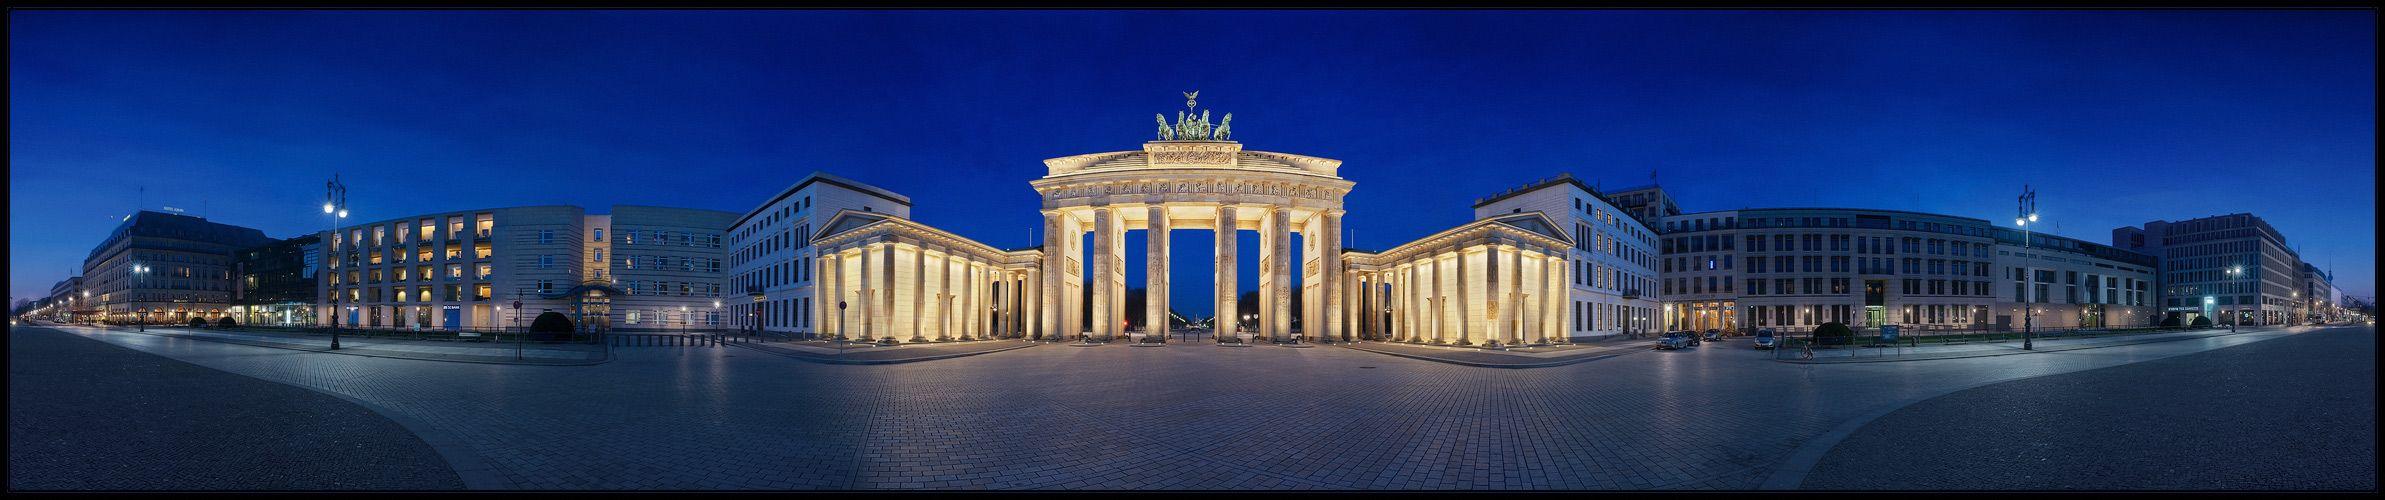 Brandenburger Tor Von Berlin Berlin Fotos Foto Bilder Brandenburger Tor